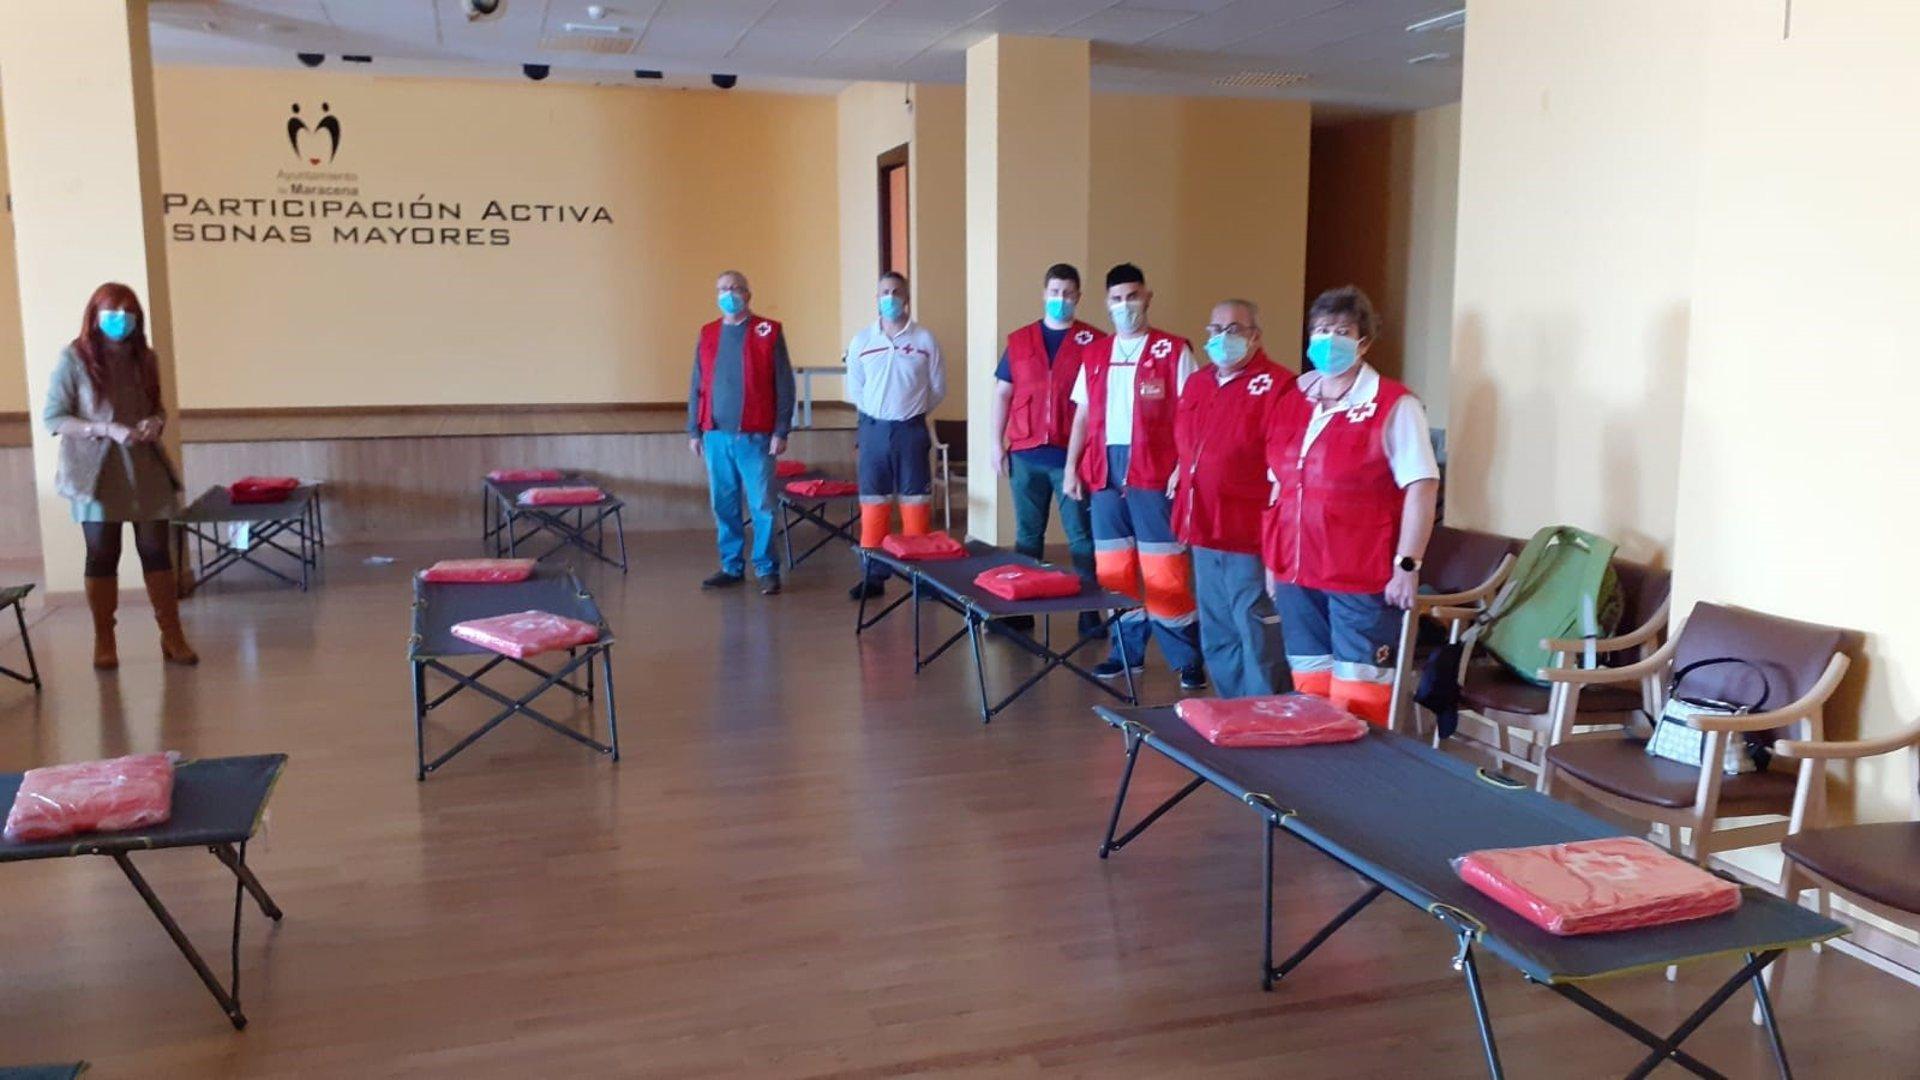 Cruz Roja actúa en las localidades afectadas por los terremotos